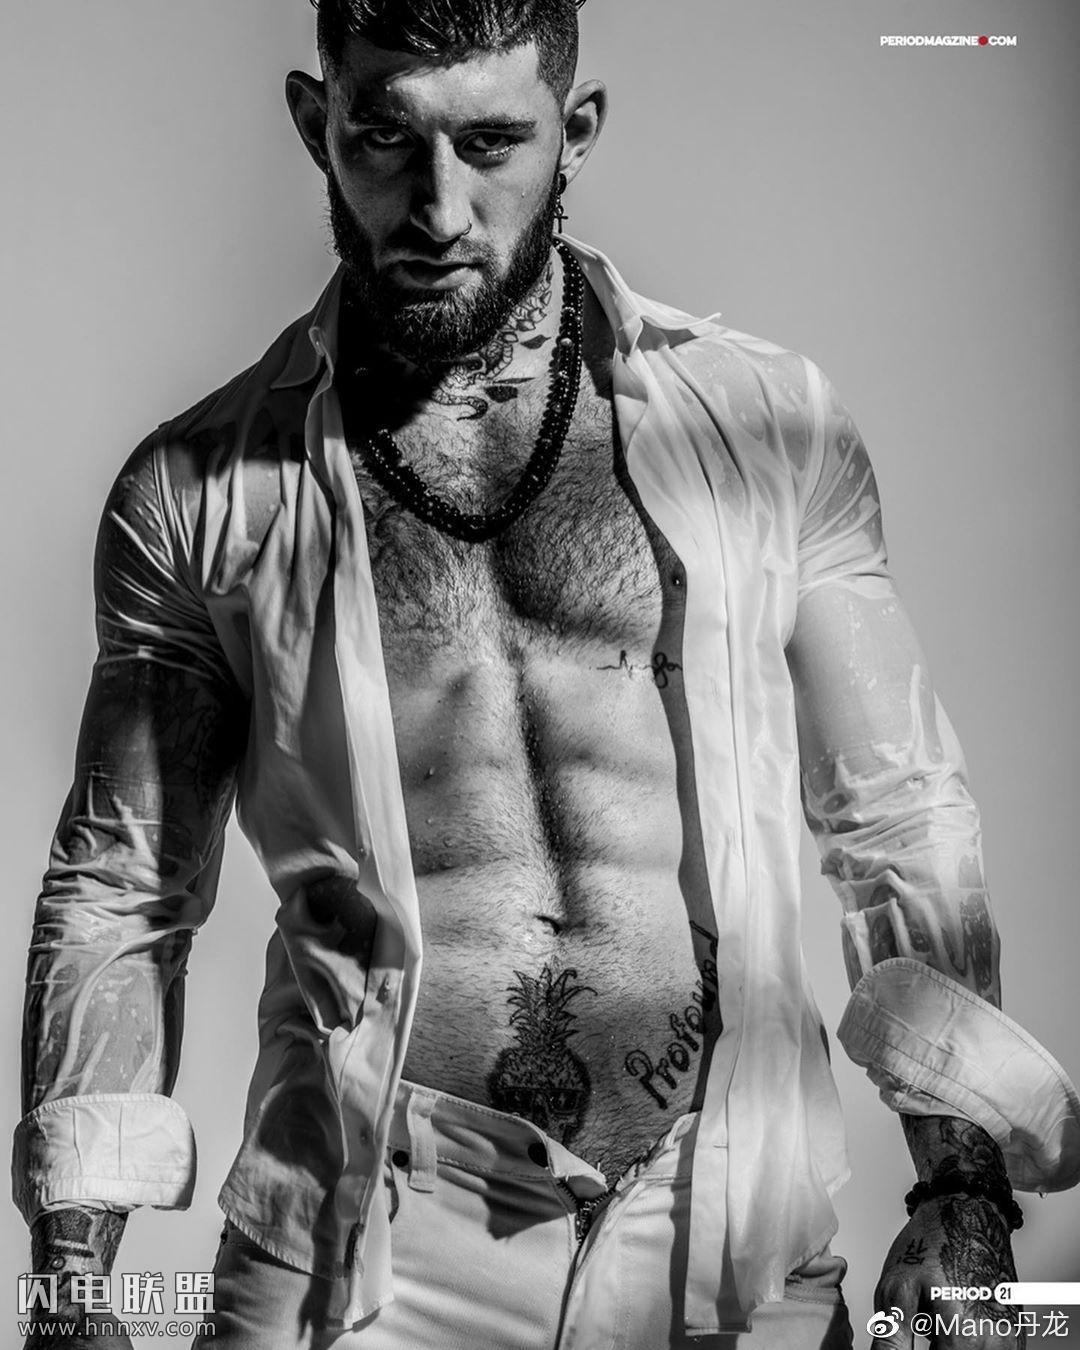 帅气欧美肌肉男帅哥性感黑白艺术写真照片